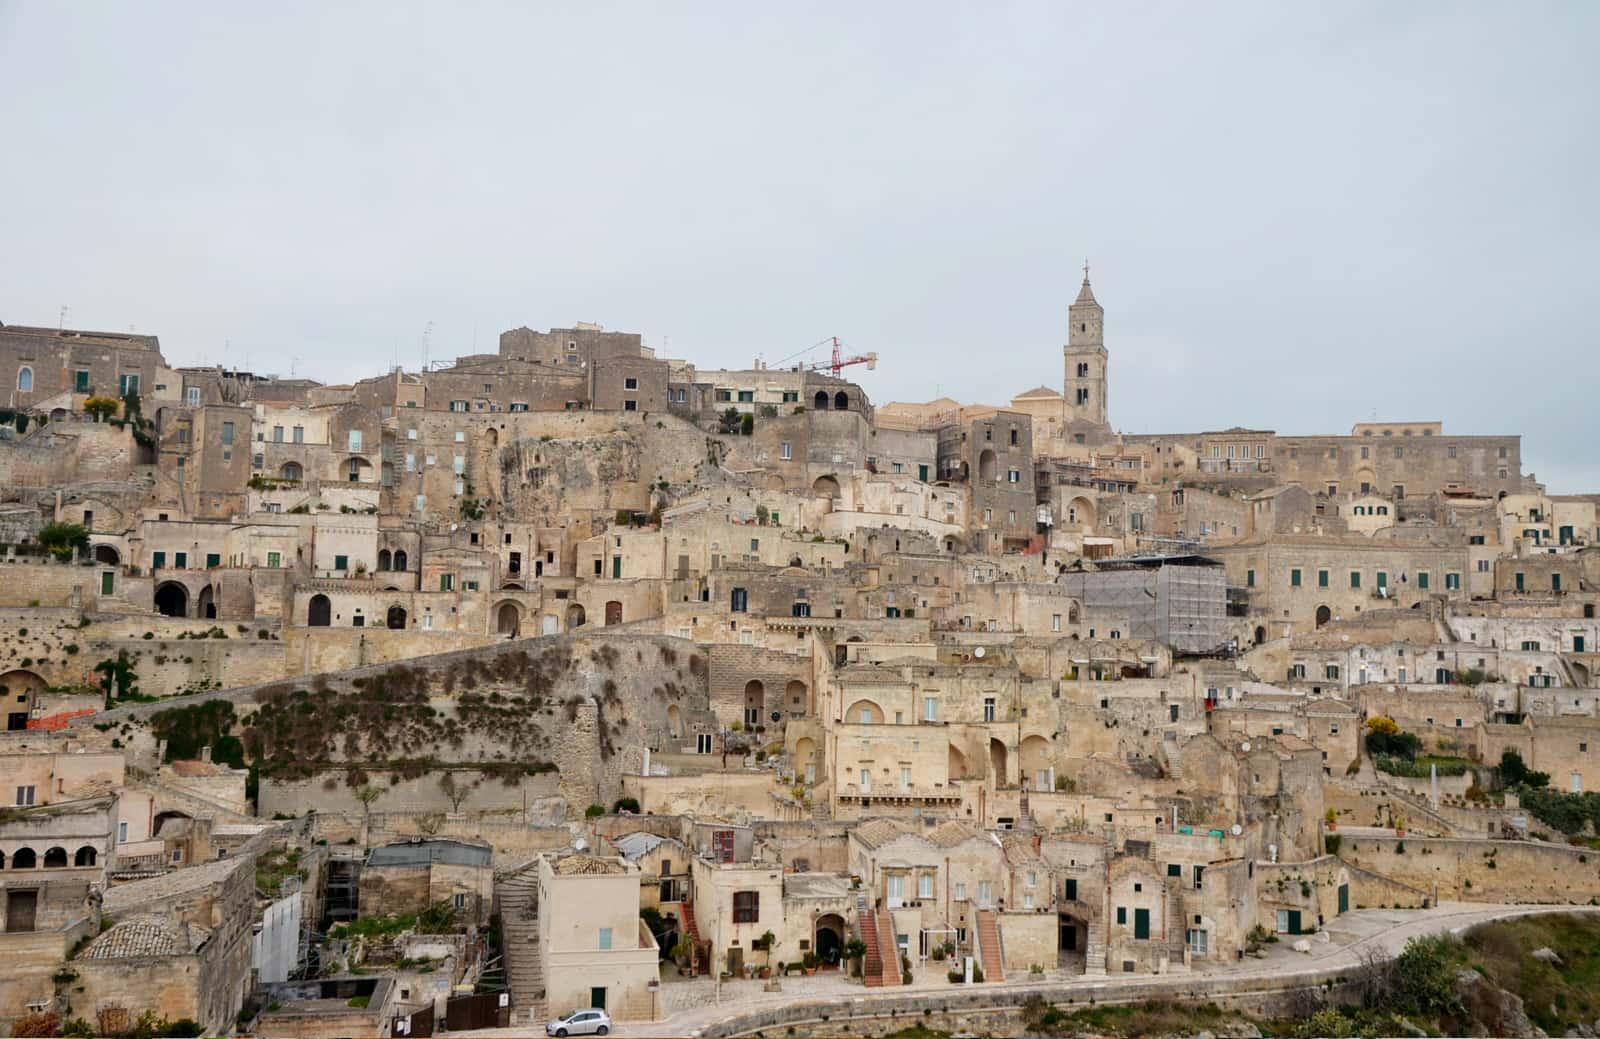 Matera en Italie : un incontournable à visiter si vous êtes dans le sud de l'Italie